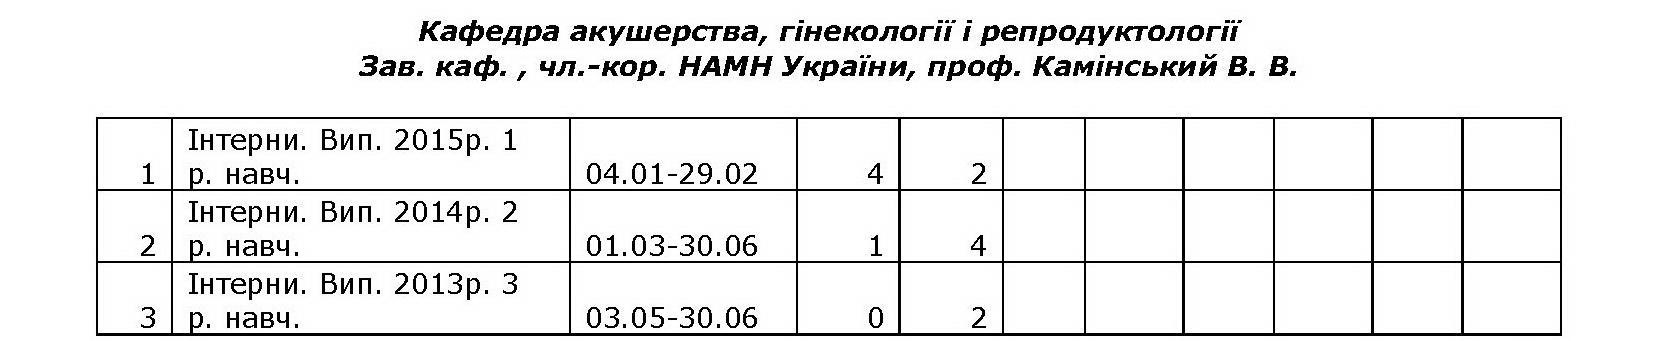 репрод1